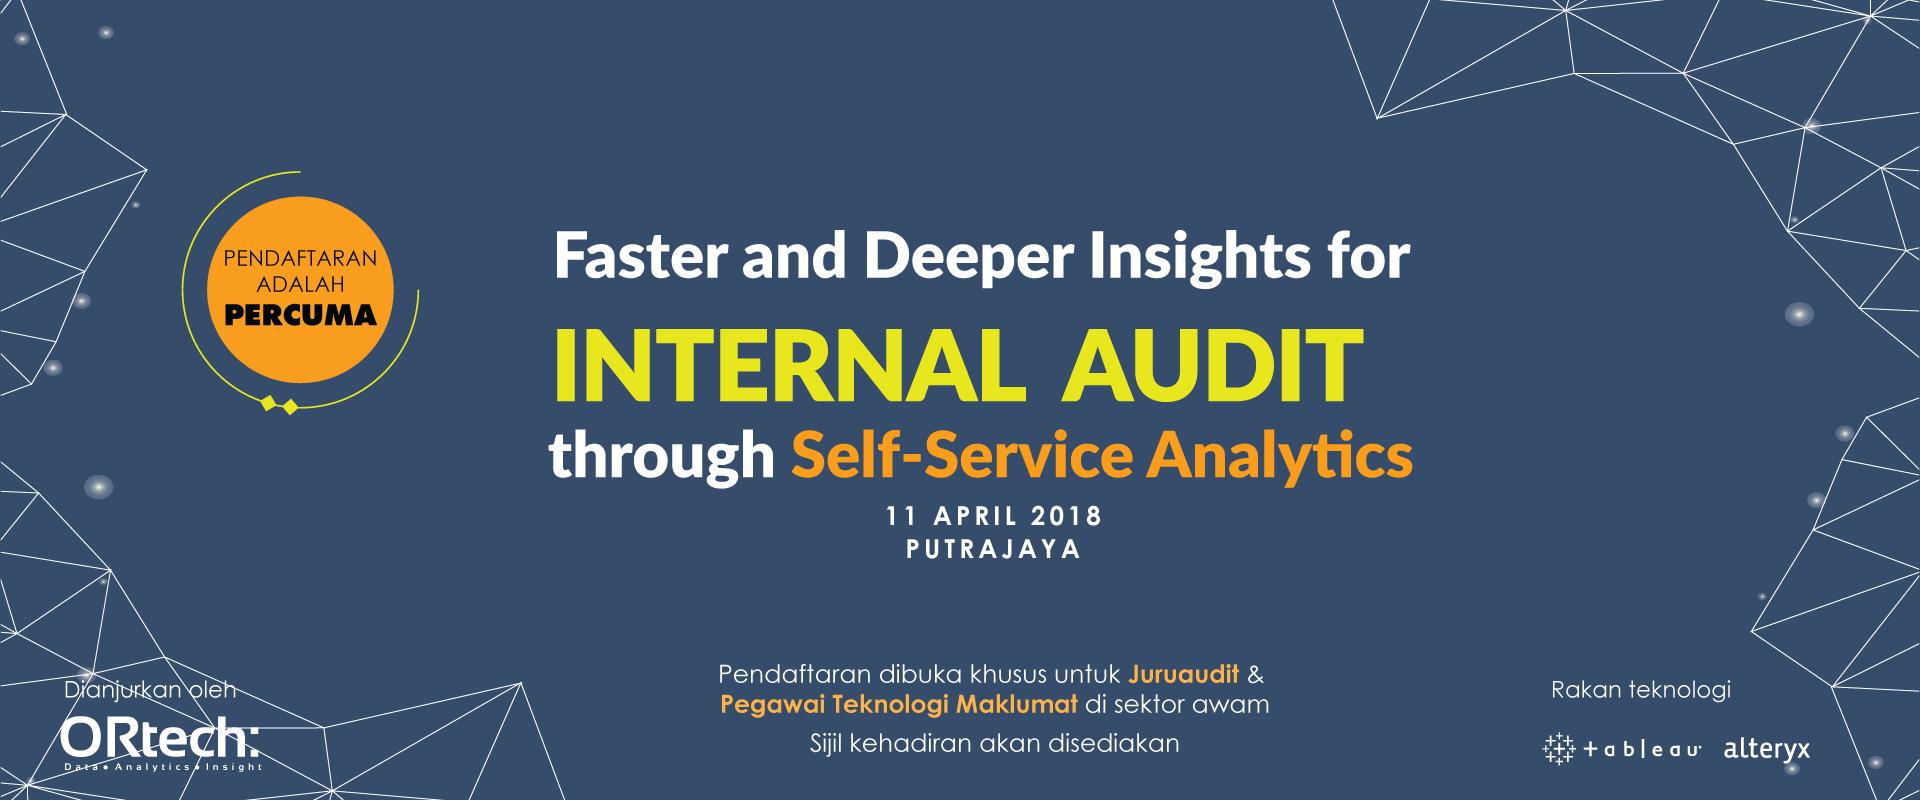 slider-image-internal-audit6